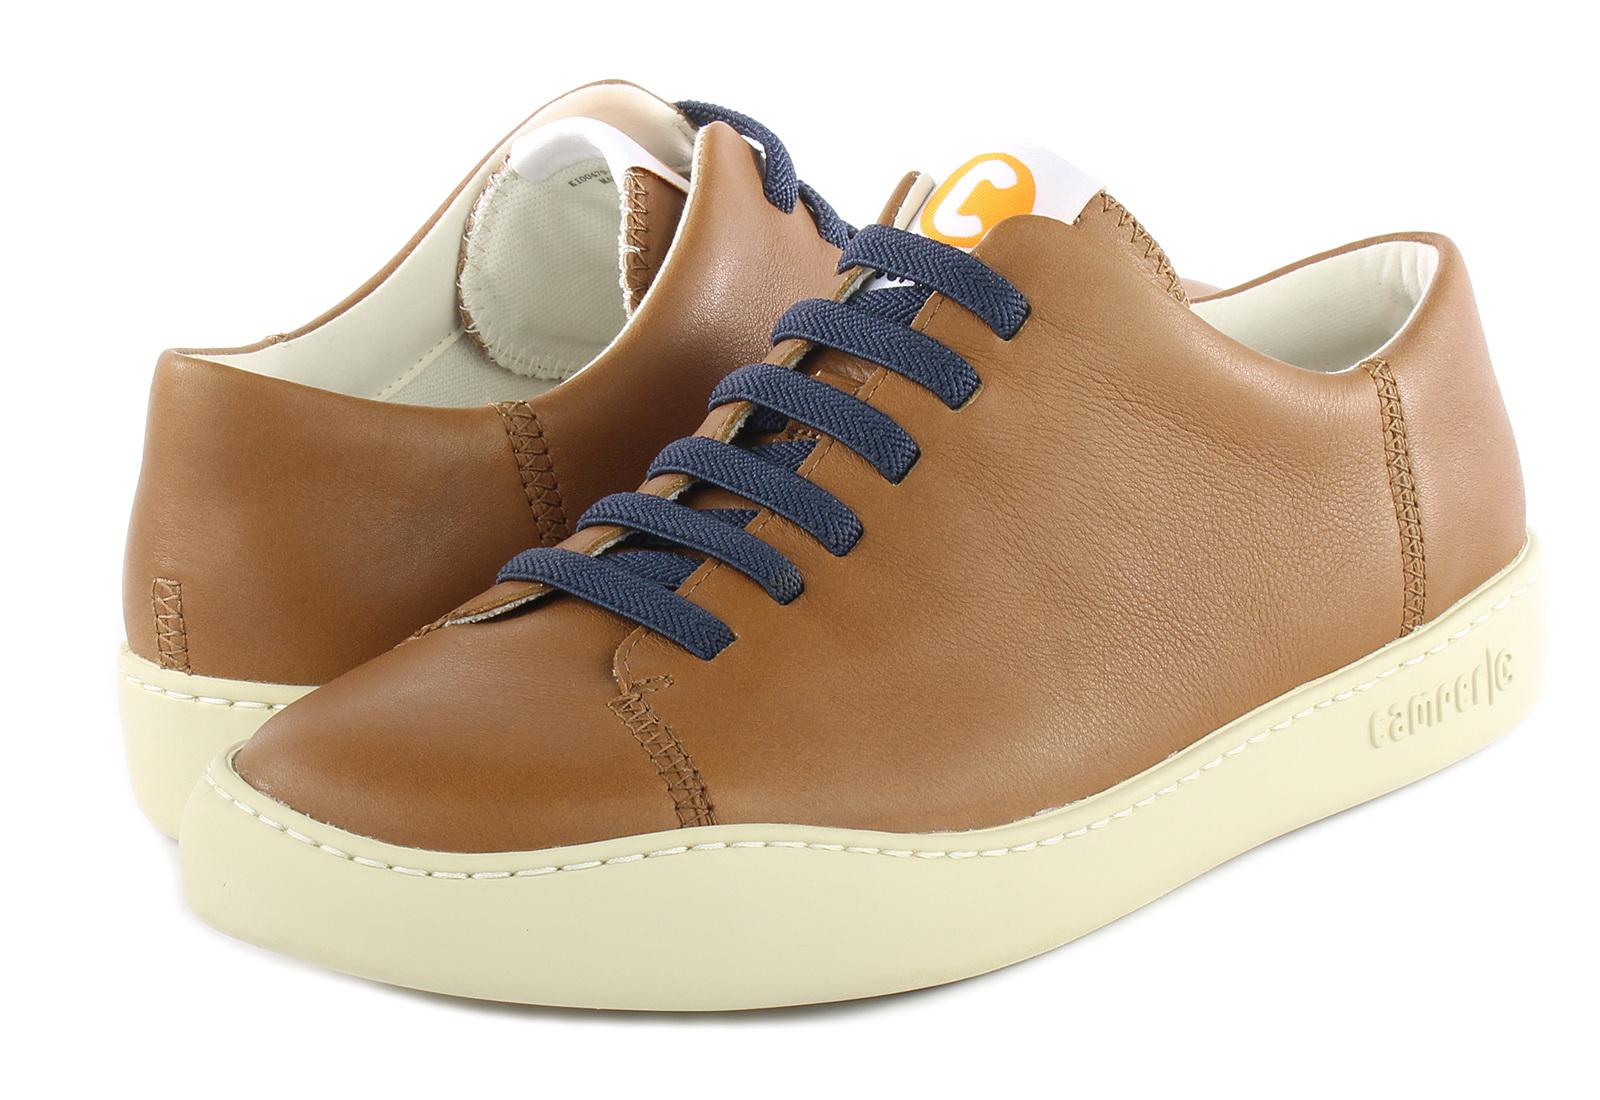 Camper Polbuty Peu Touring K100479 022 Obuwie I Buty Damskie Meskie Dzieciece W Office Shoes